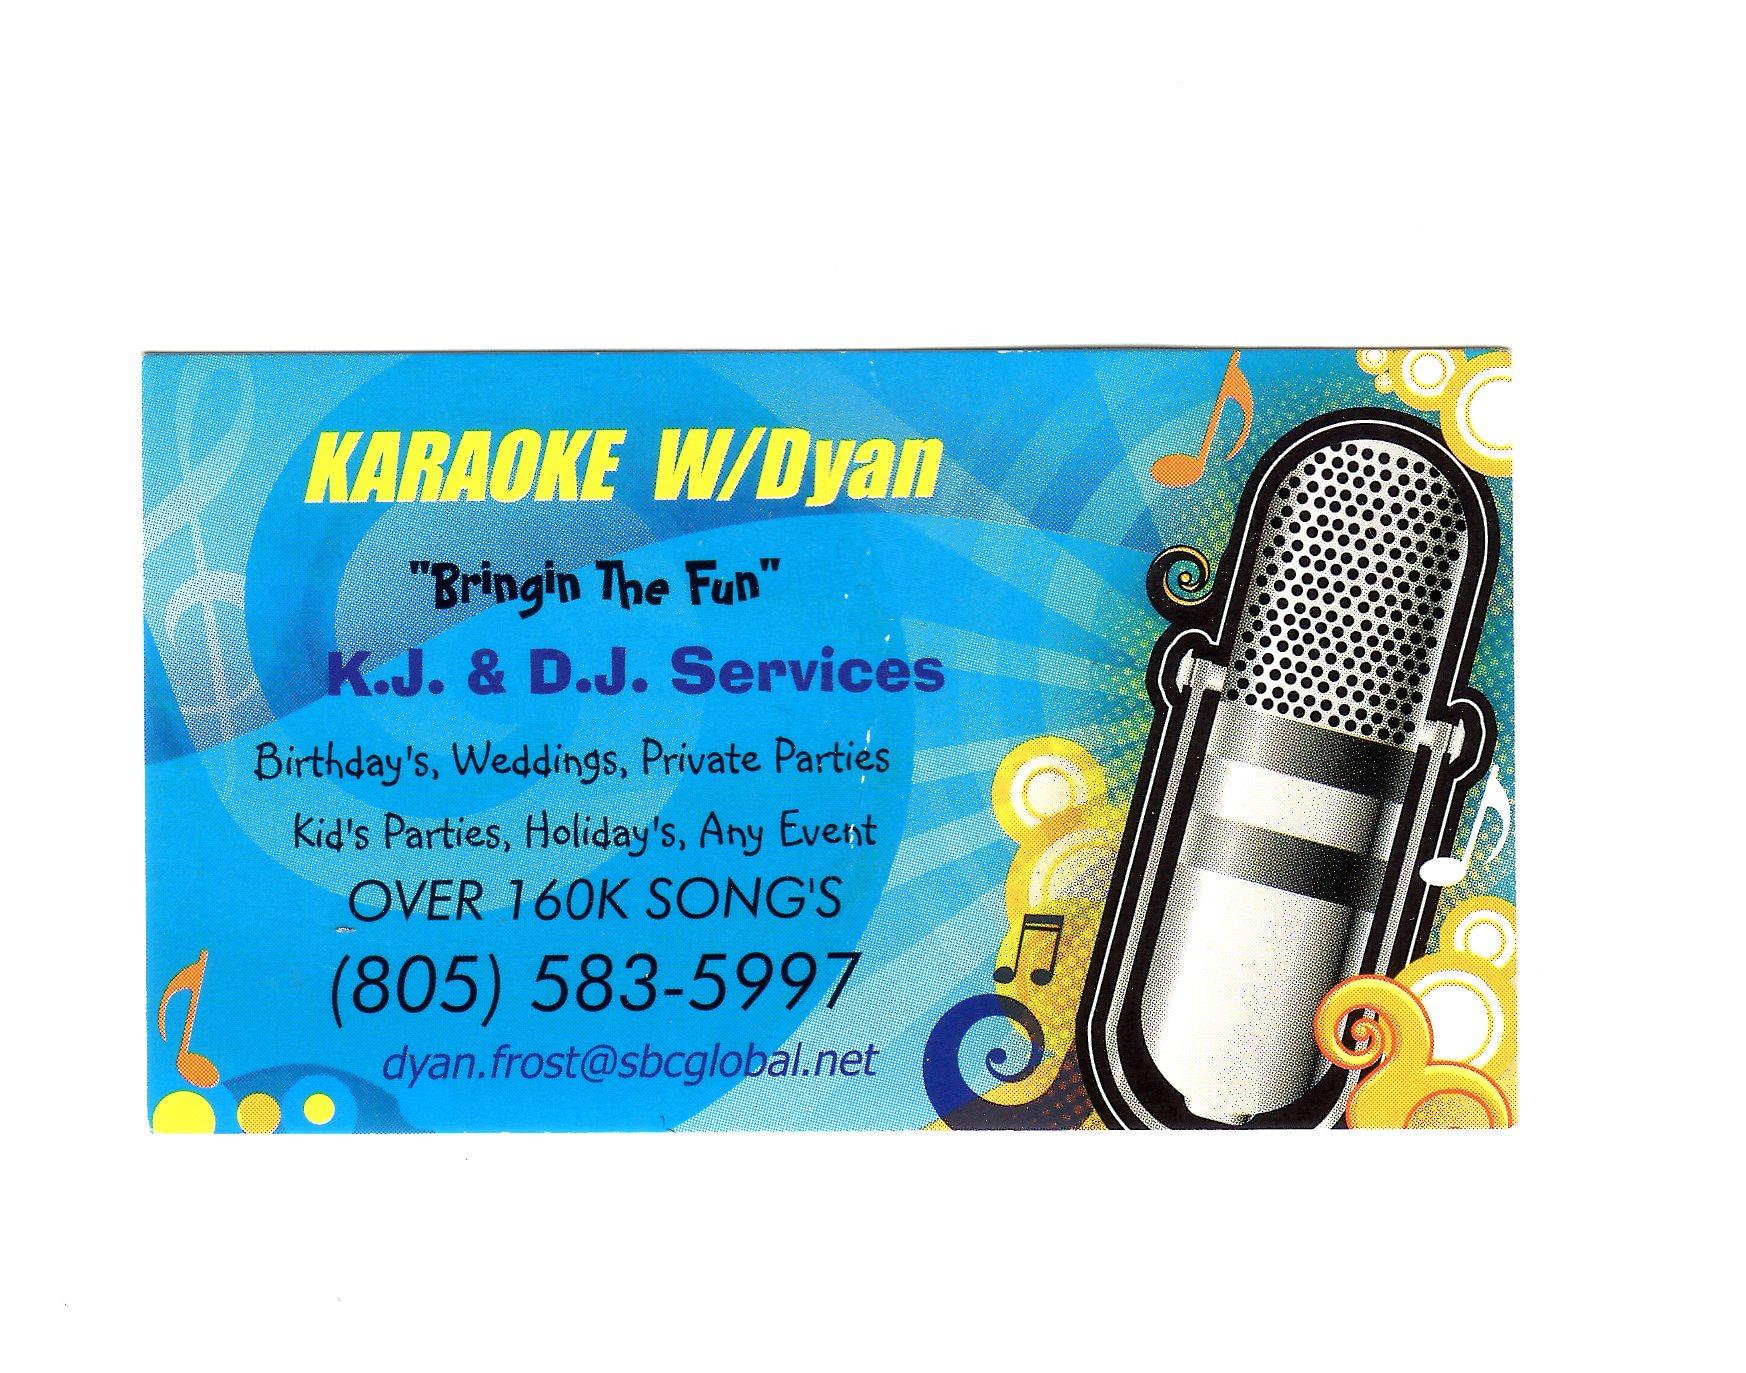 KJ/DJ w/Dyan